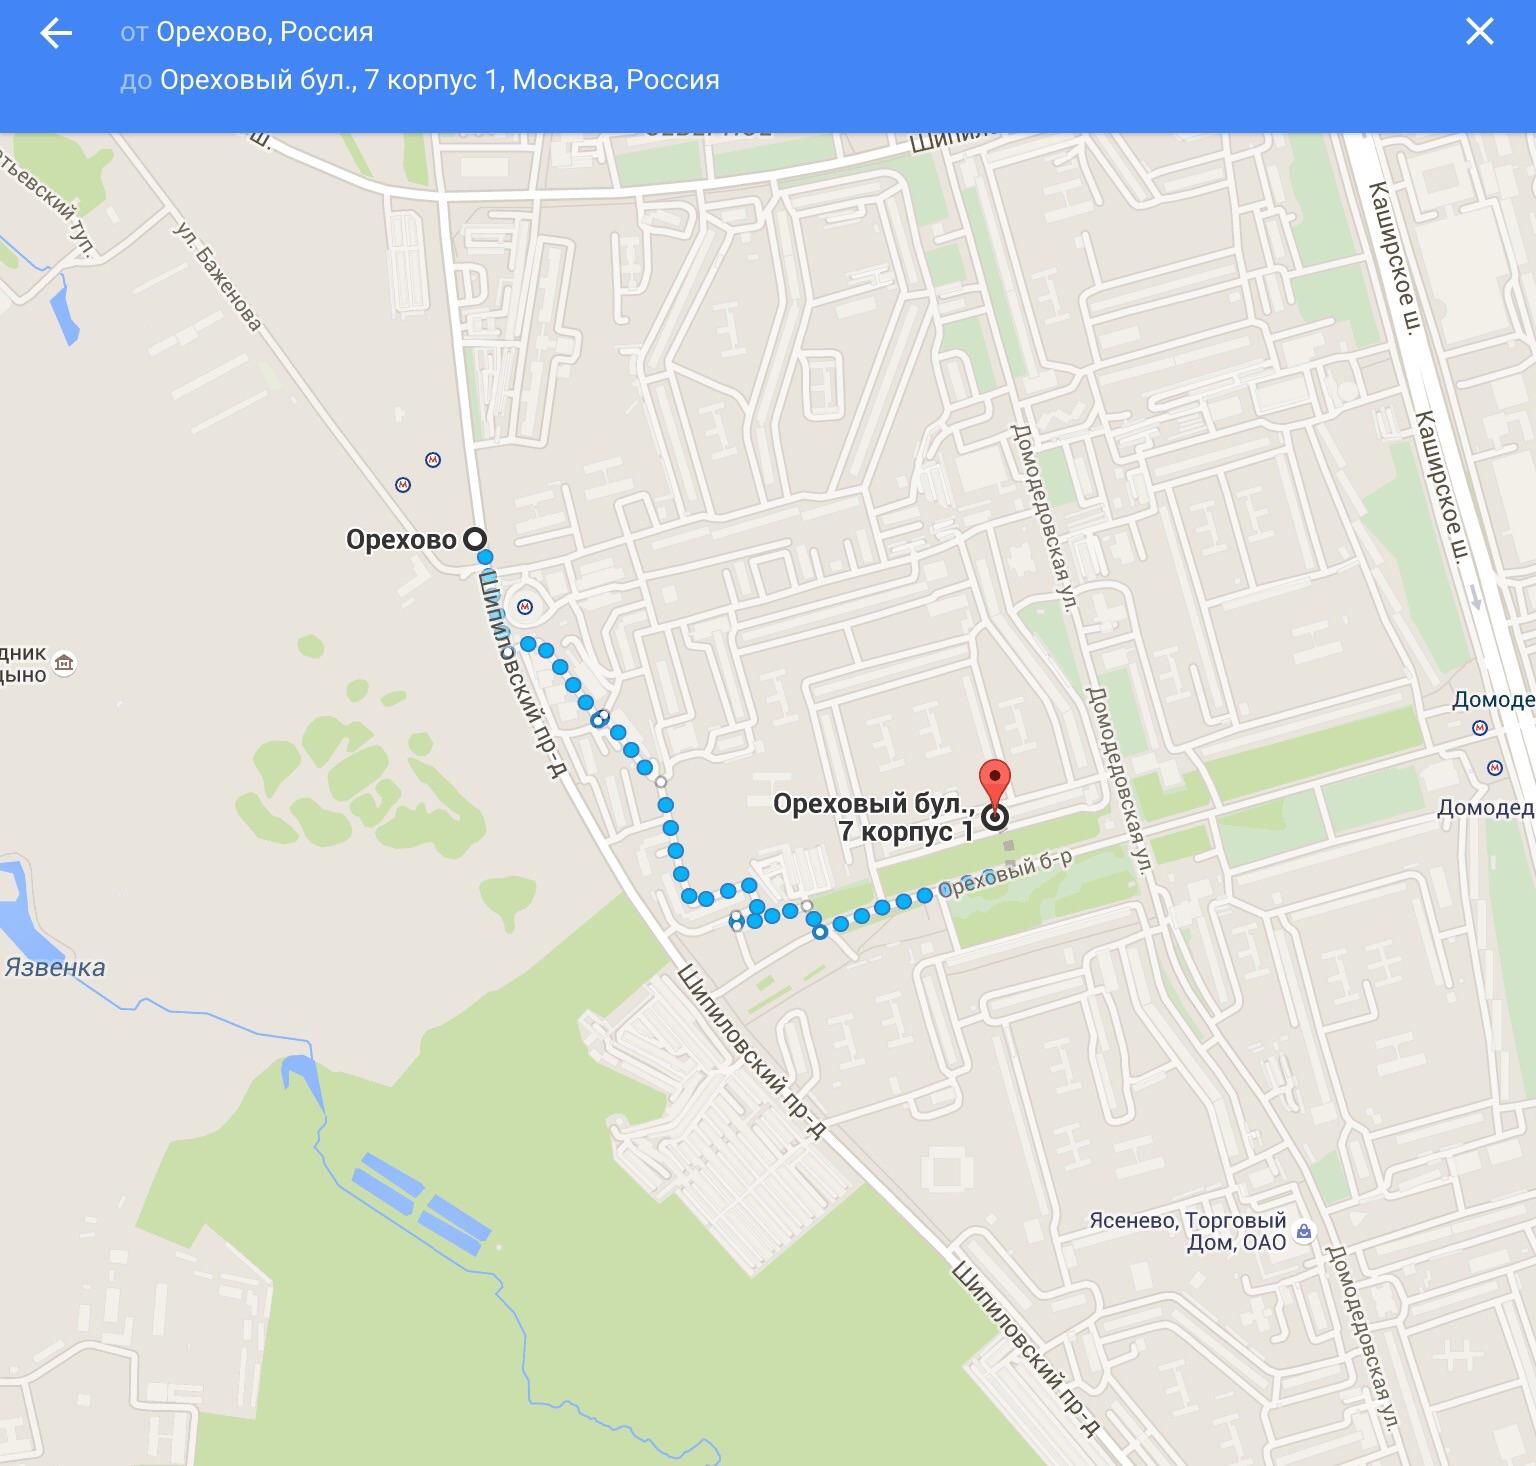 Как добраться до автошколы от метро Орехово